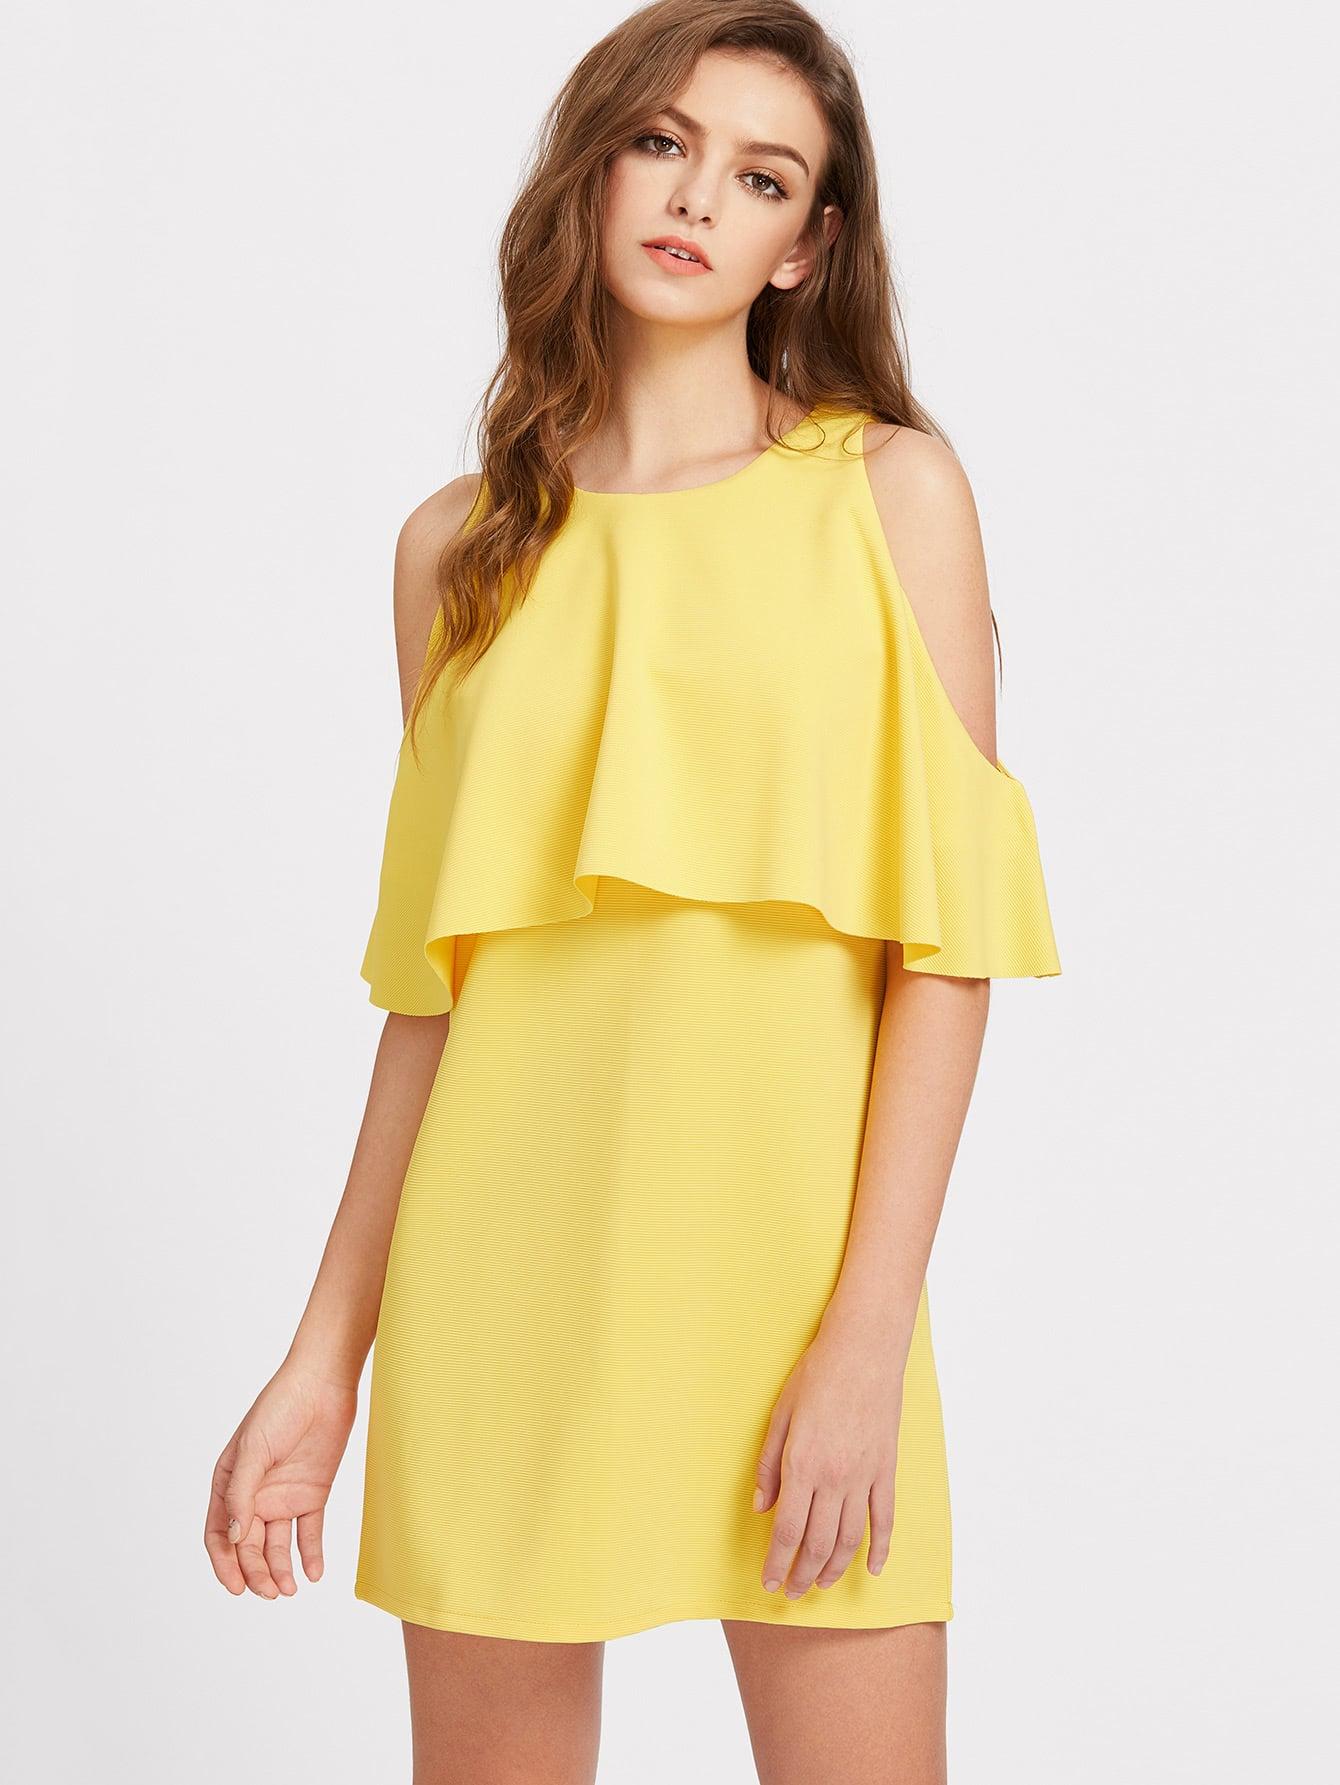 dress170426207_2